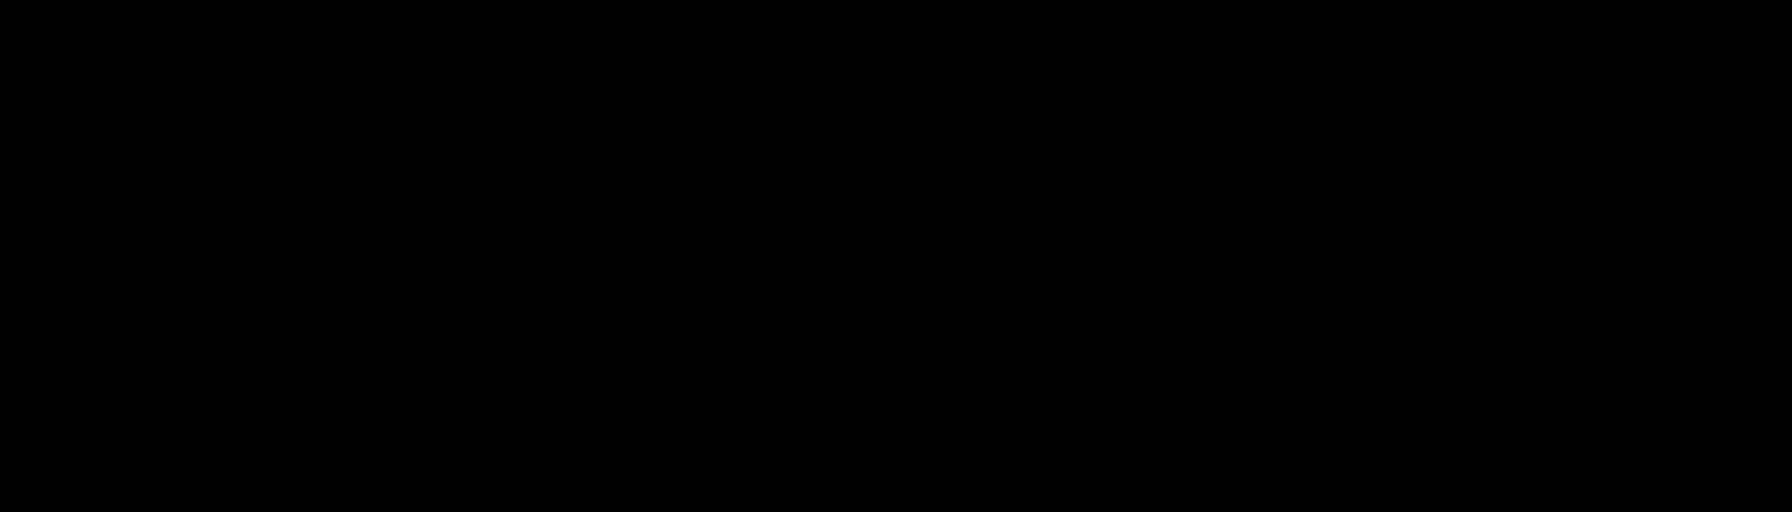 VanilleGames_Logo_Black_Transp.png